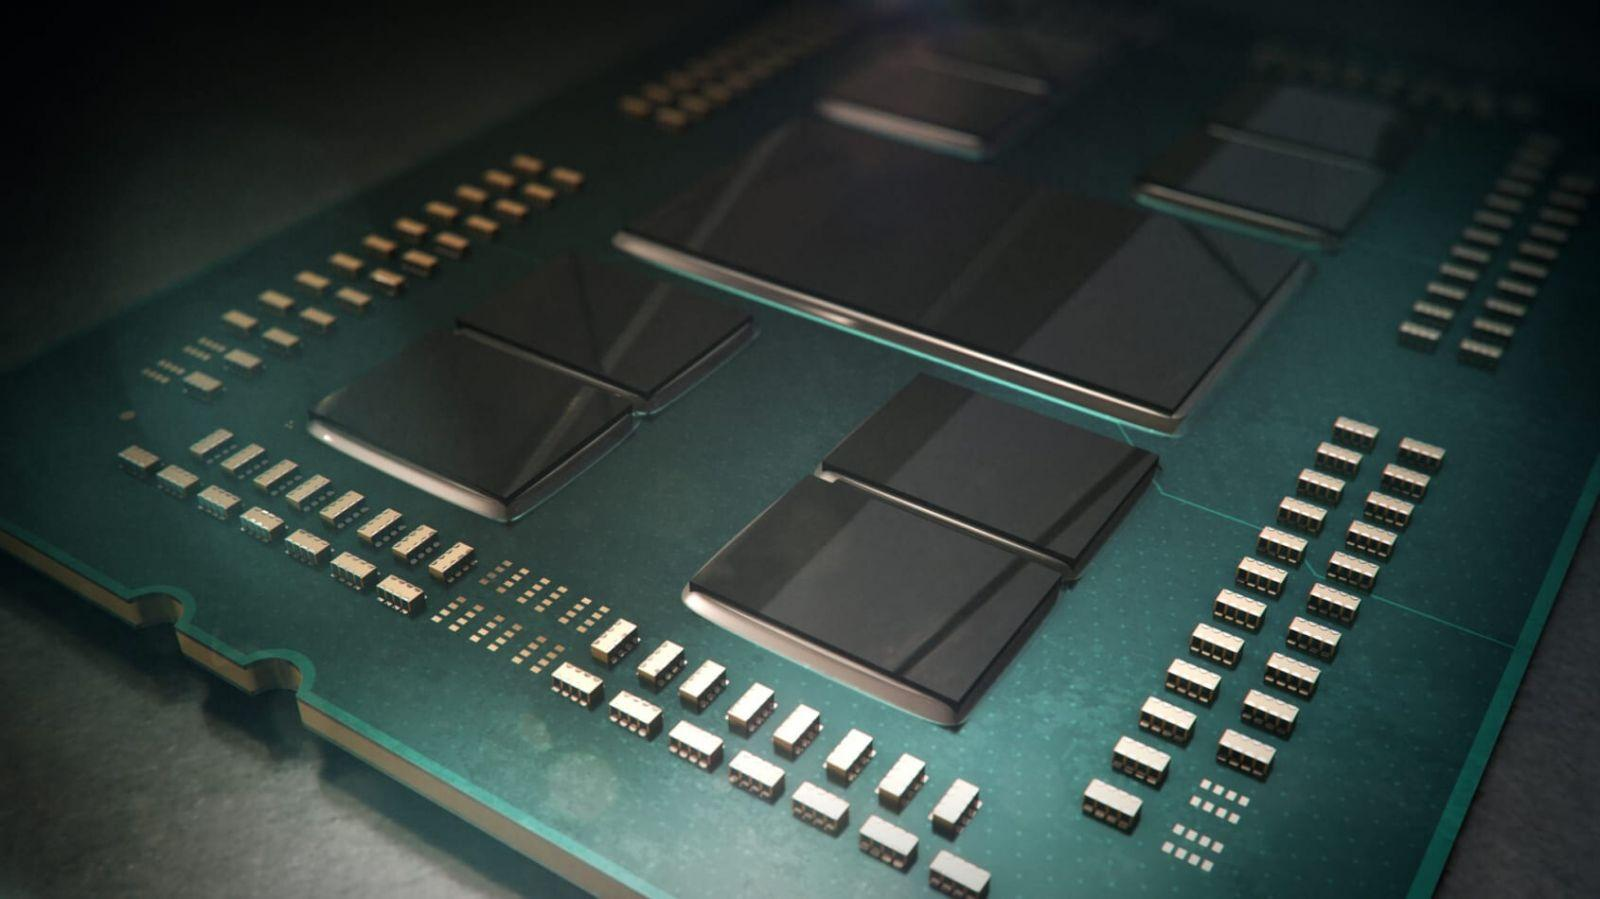 В рамках выставки электроники Computex 2021 известный тайваньский производитель чипов MediaTek порадовал поклонников своей продукции новым флагманским процессором